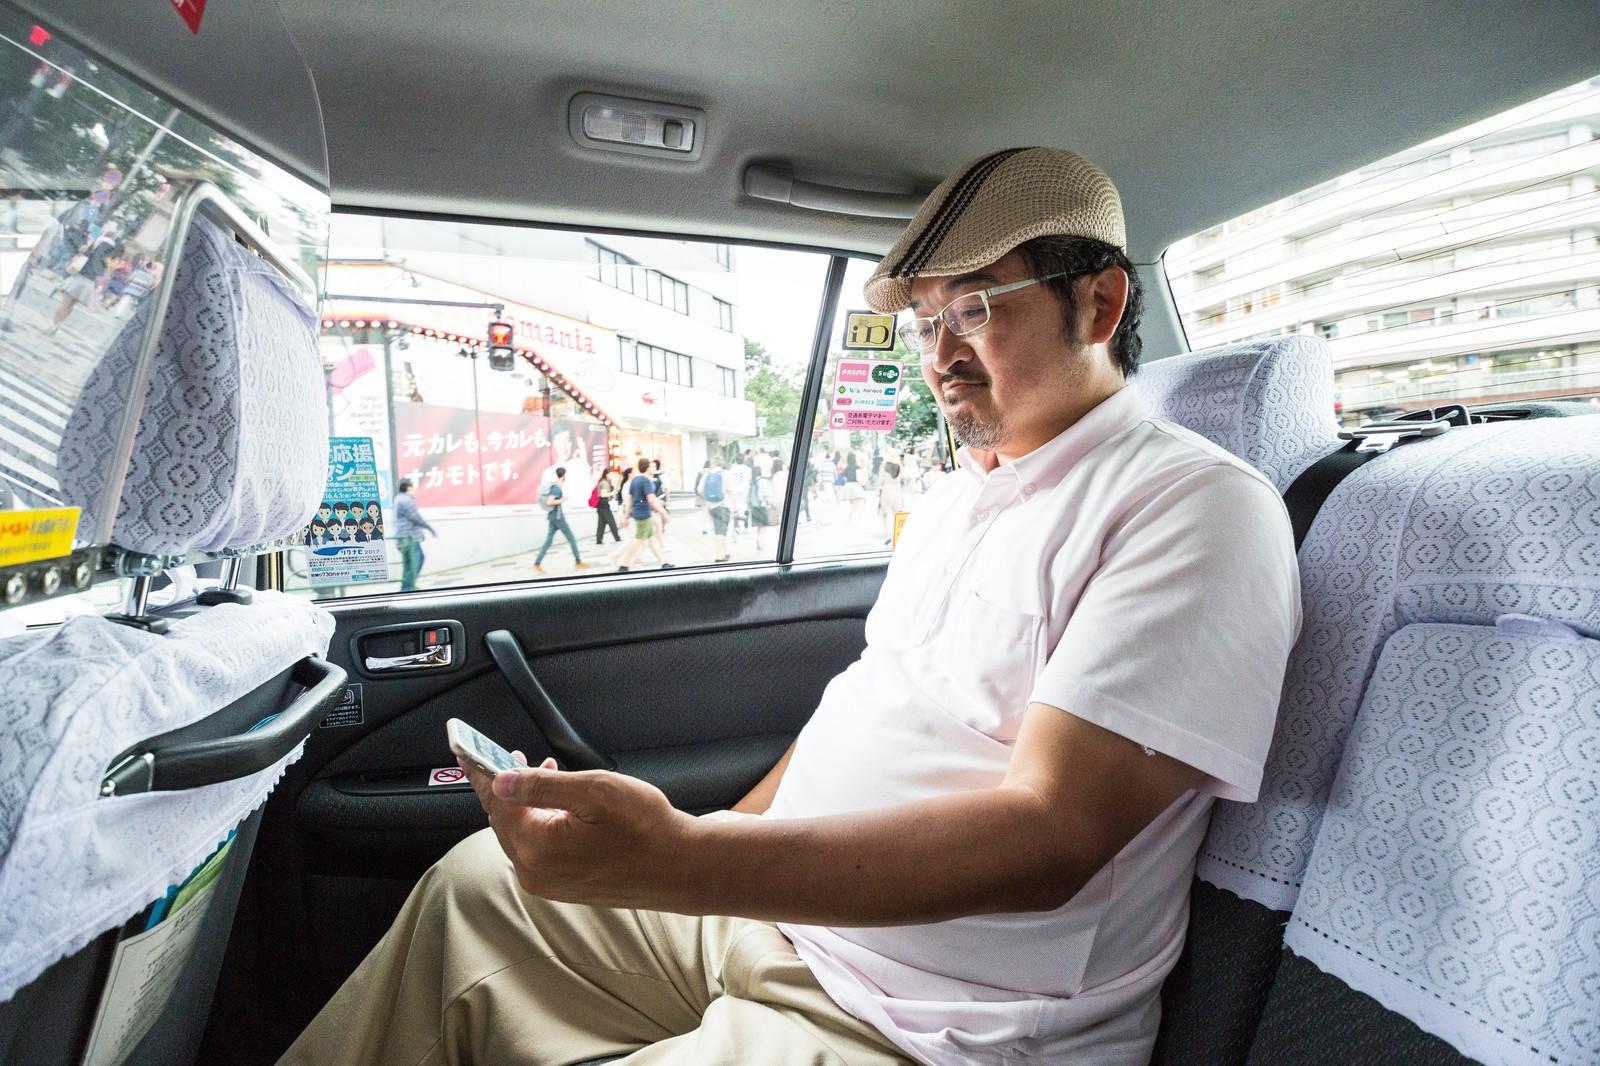 日本旅遊搭計程車甭怕貴!輸入目的地立刻預查車資~